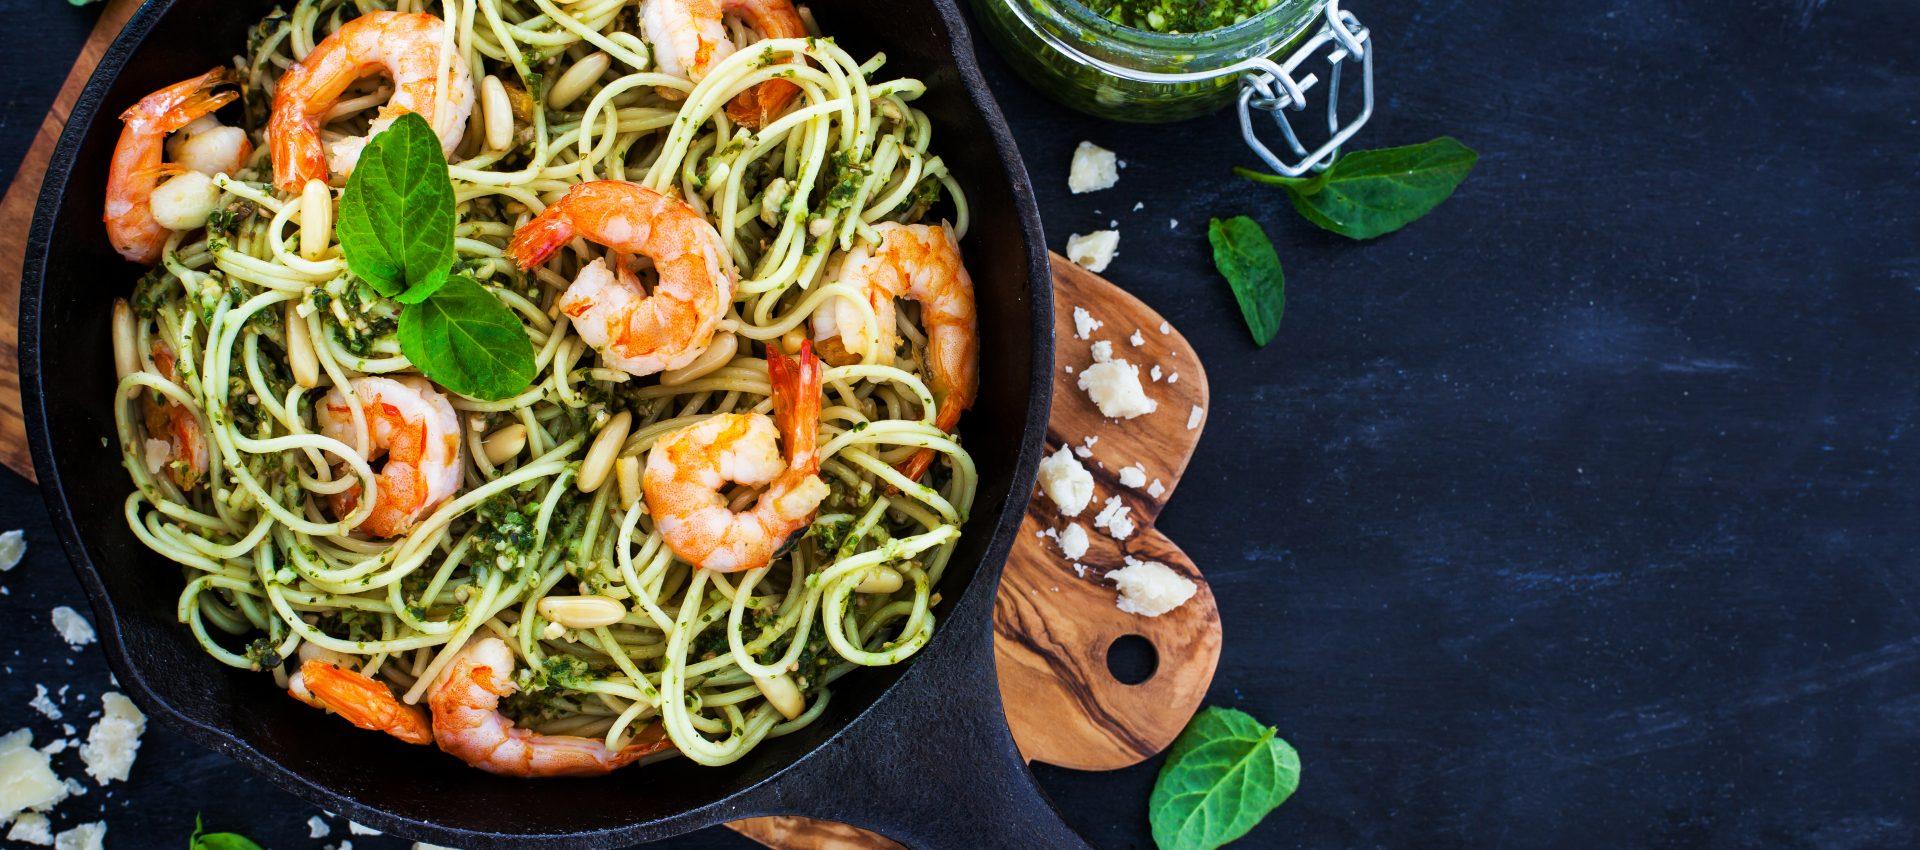 Spaghetti aux crevettes sauce pesto au cookeo